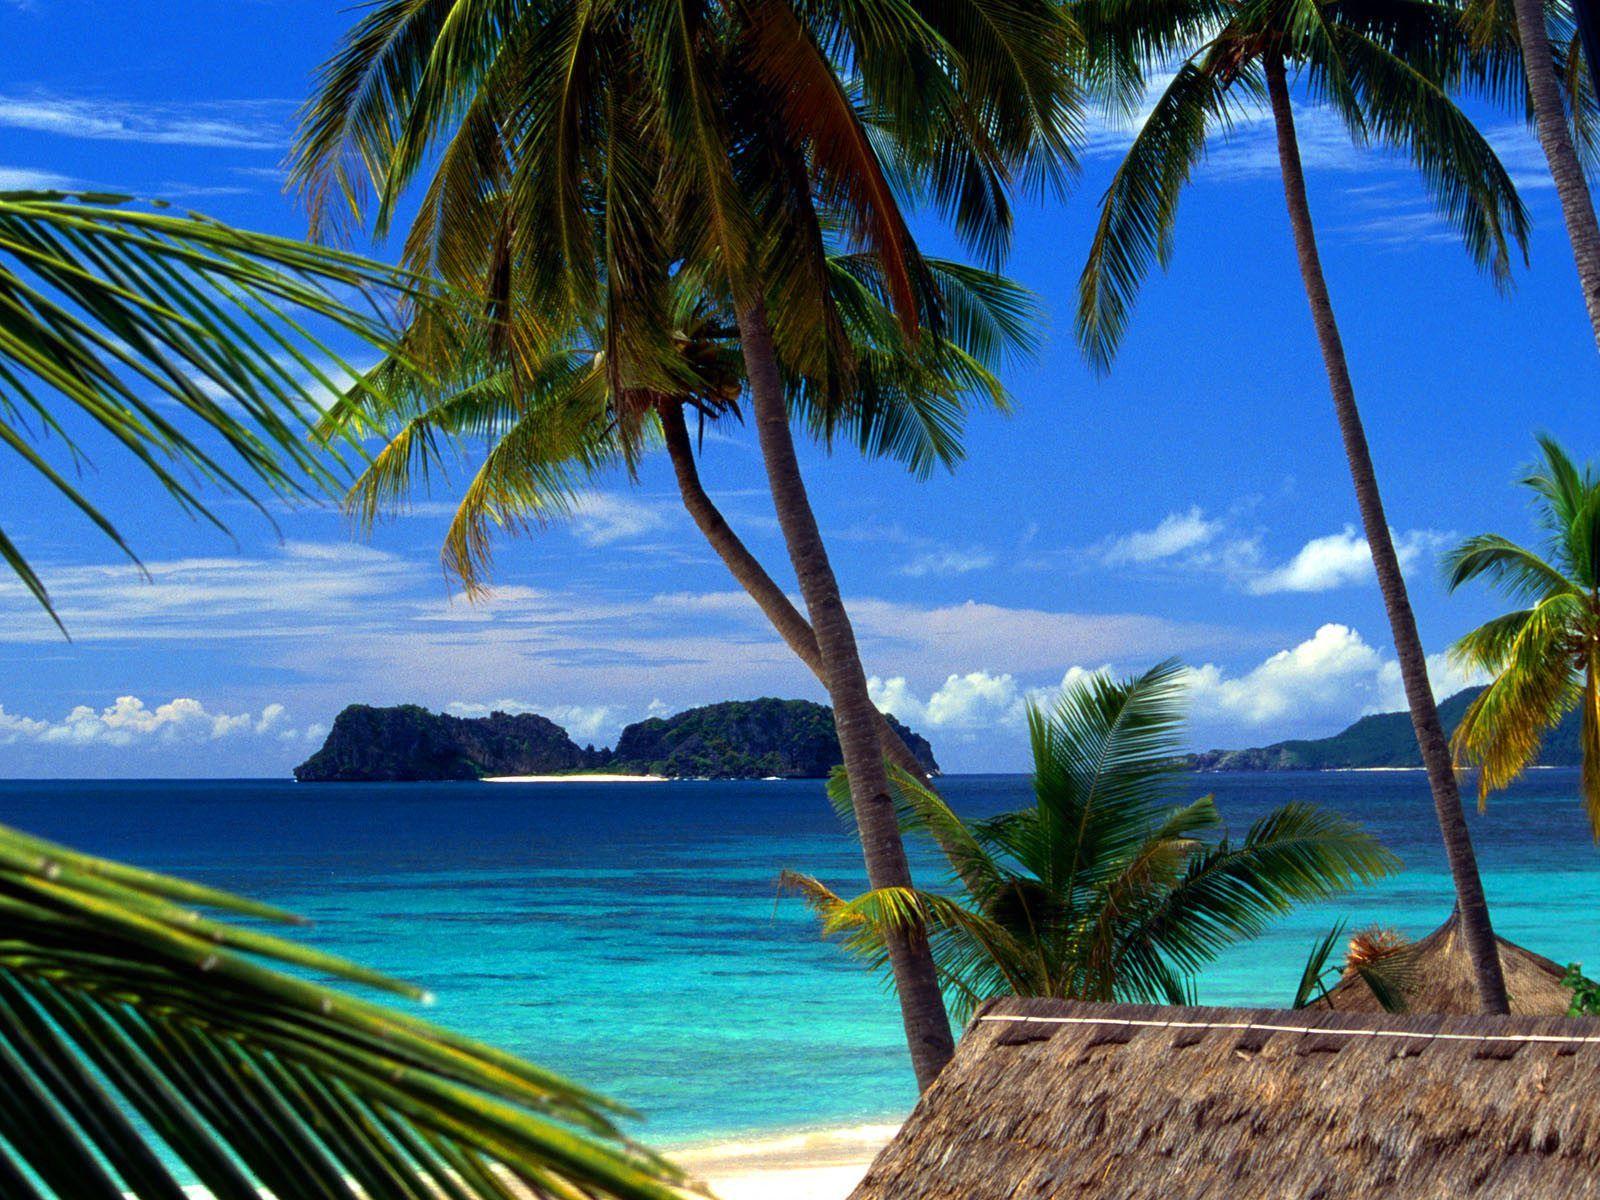 http://3.bp.blogspot.com/-DHsrjMeA5ys/TfJLR3JT6kI/AAAAAAAAAZw/6kaYQ_nUP_s/s1600/Palawan%252C+the+Philippines_abcnewsexpress.jpeg